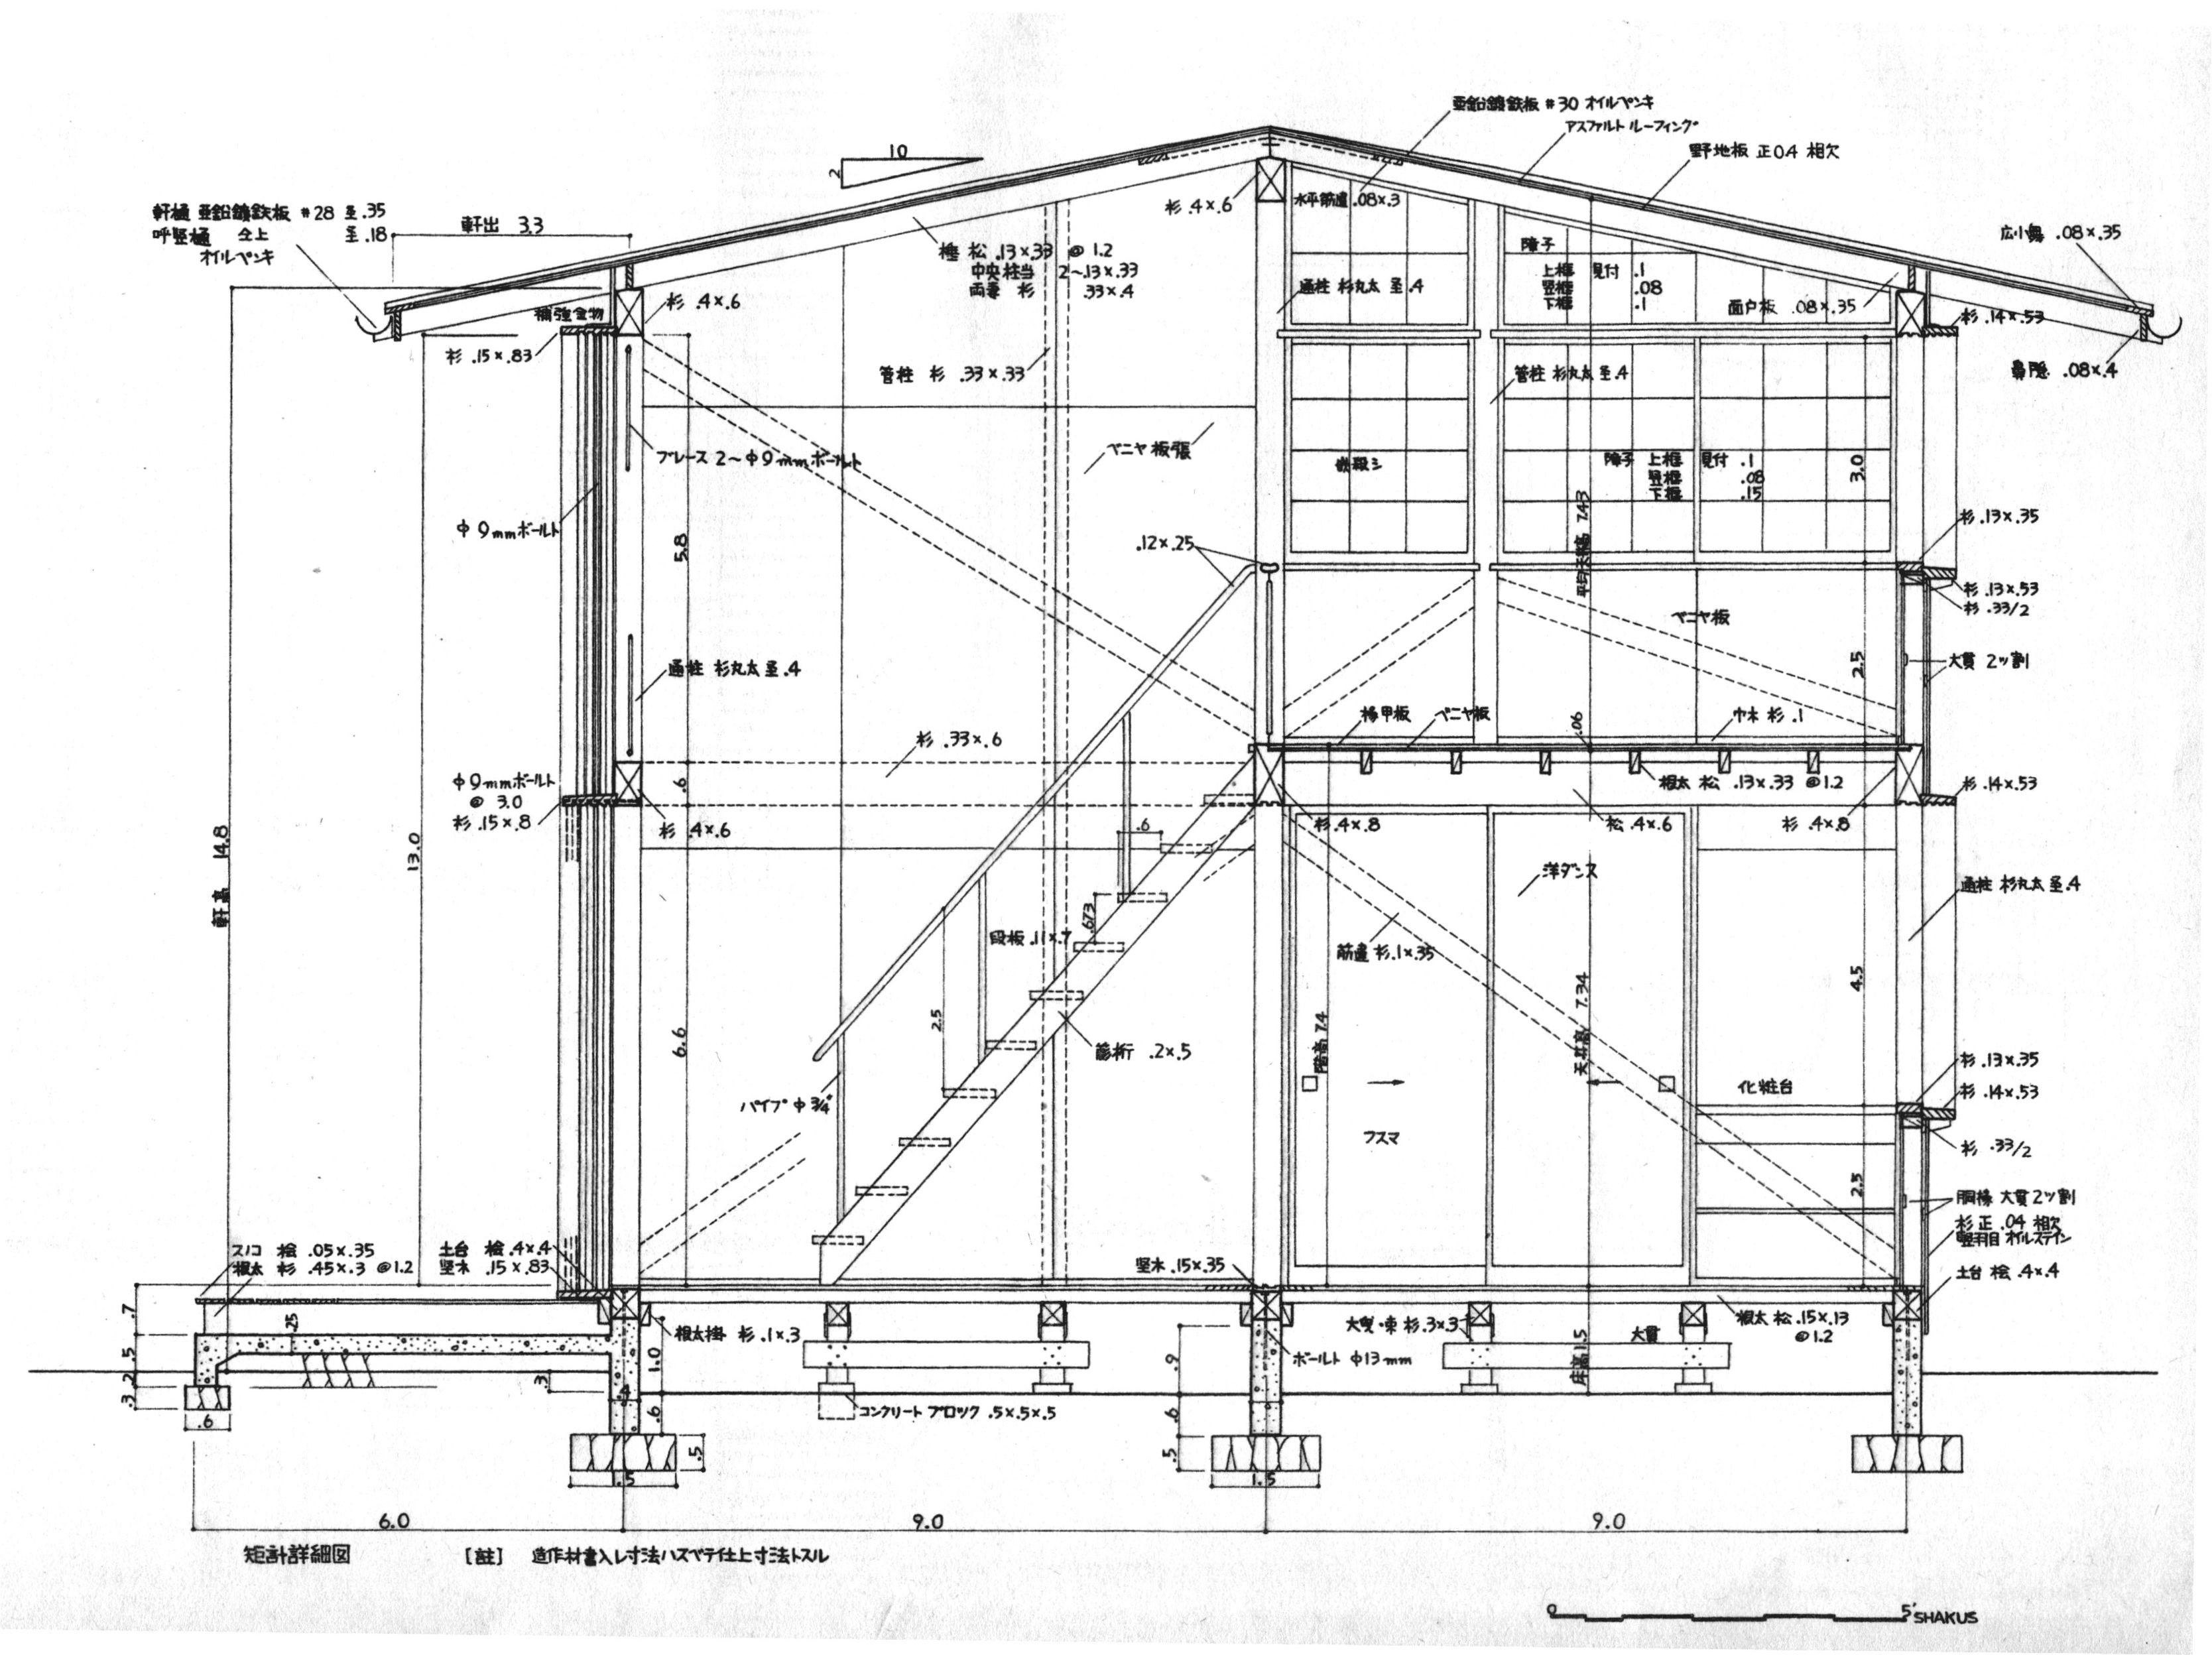 最小限住居の試作 設計 増沢 洵 軽井沢の山荘 9坪ハウス 平面図